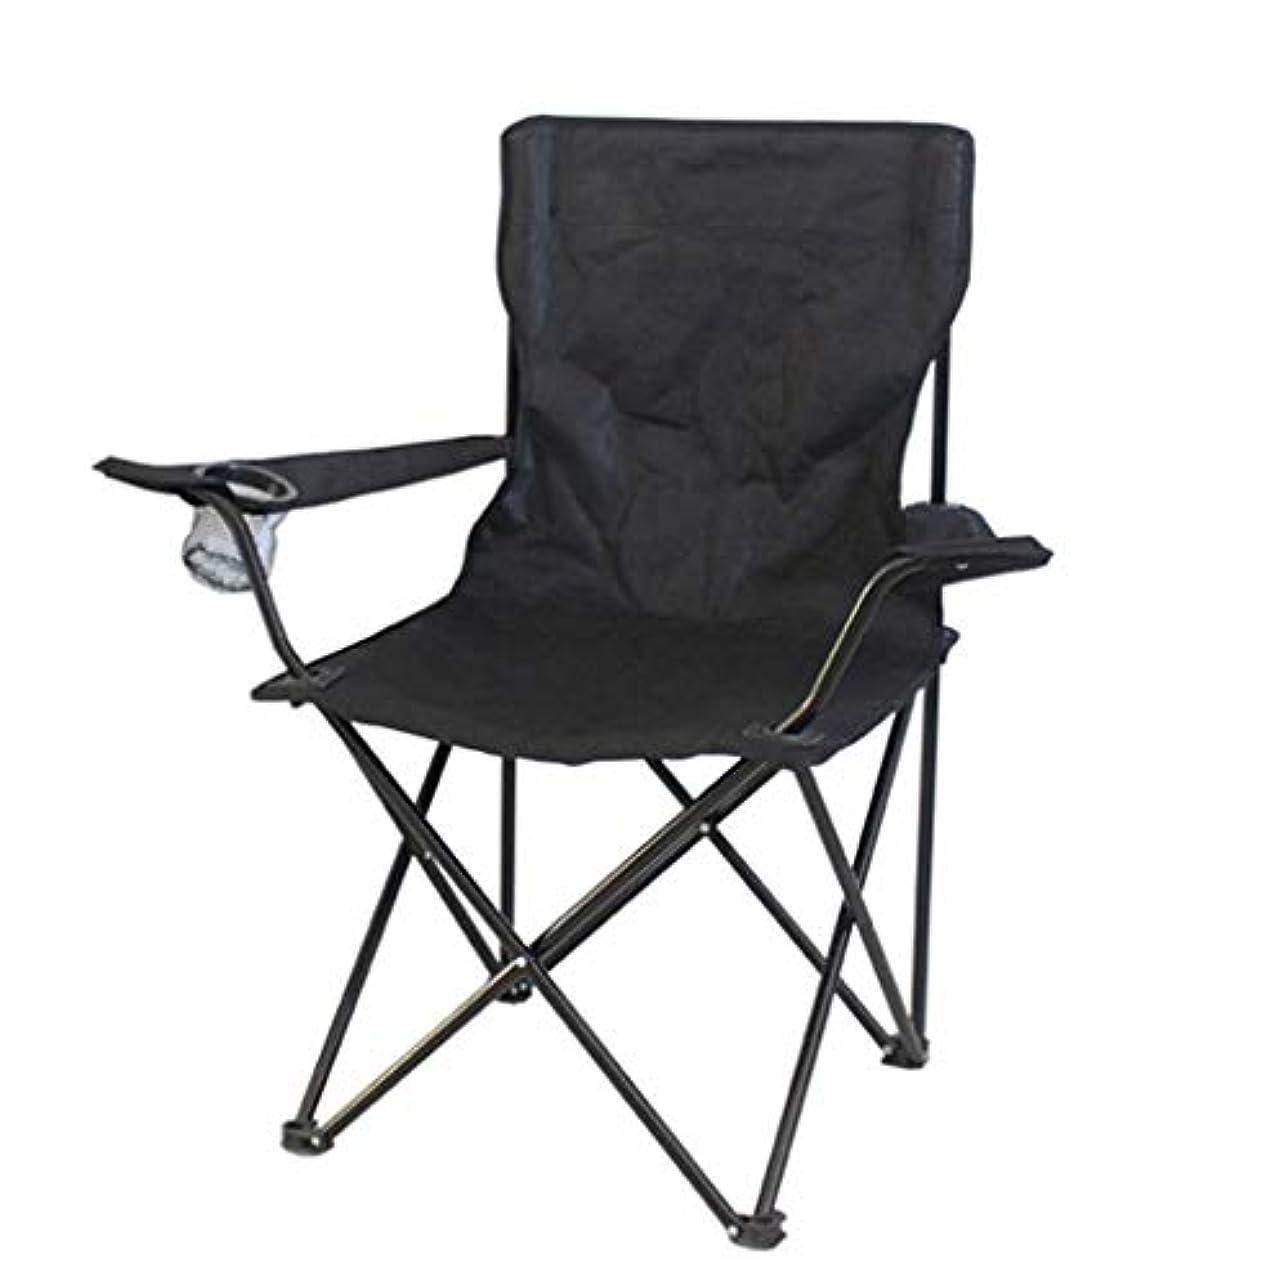 くぼみスリンクプラカード折りたたみキャンプチェアとキャリーバッグ - 軽量で丈夫な屋外シート - キャンプ、フェスティバル、庭園、キャラバン旅行、釣り、ビーチ、バーベキューに最適